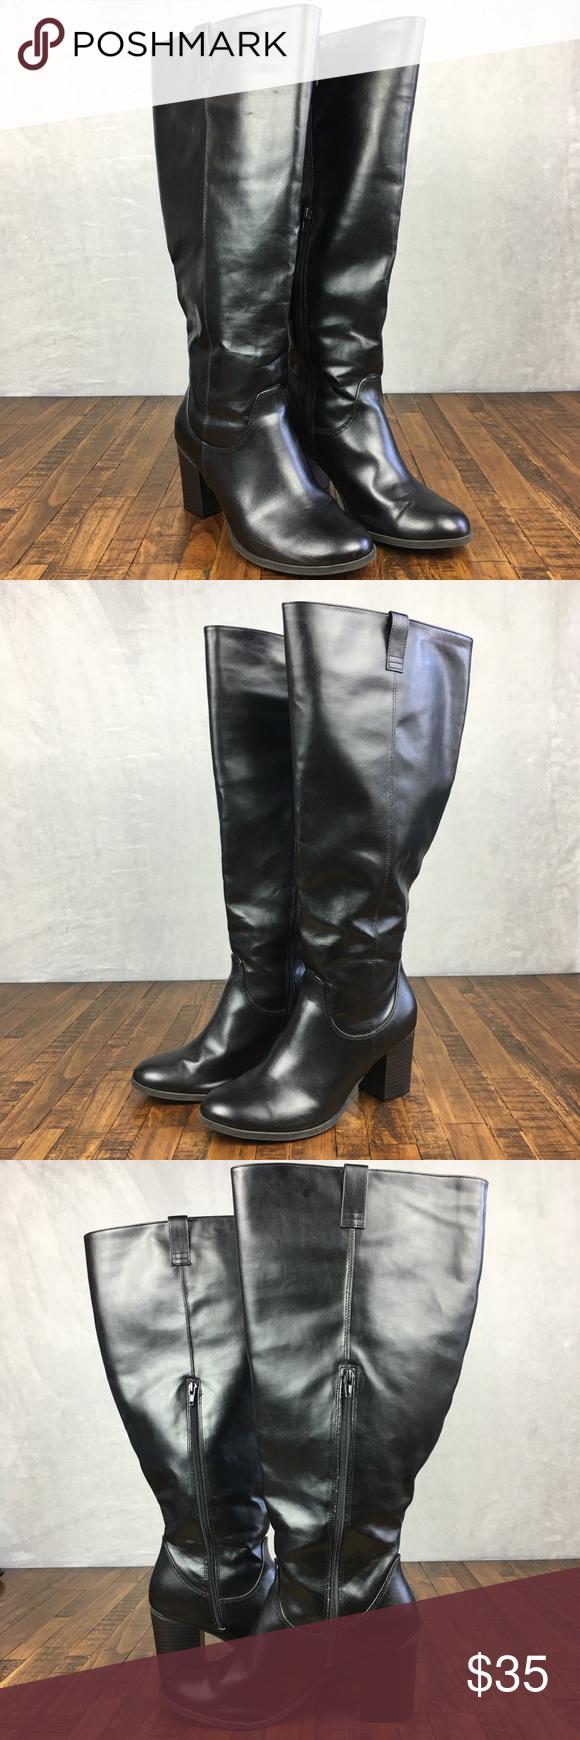 DexFlex Wide Calf Boots Tall Comfort